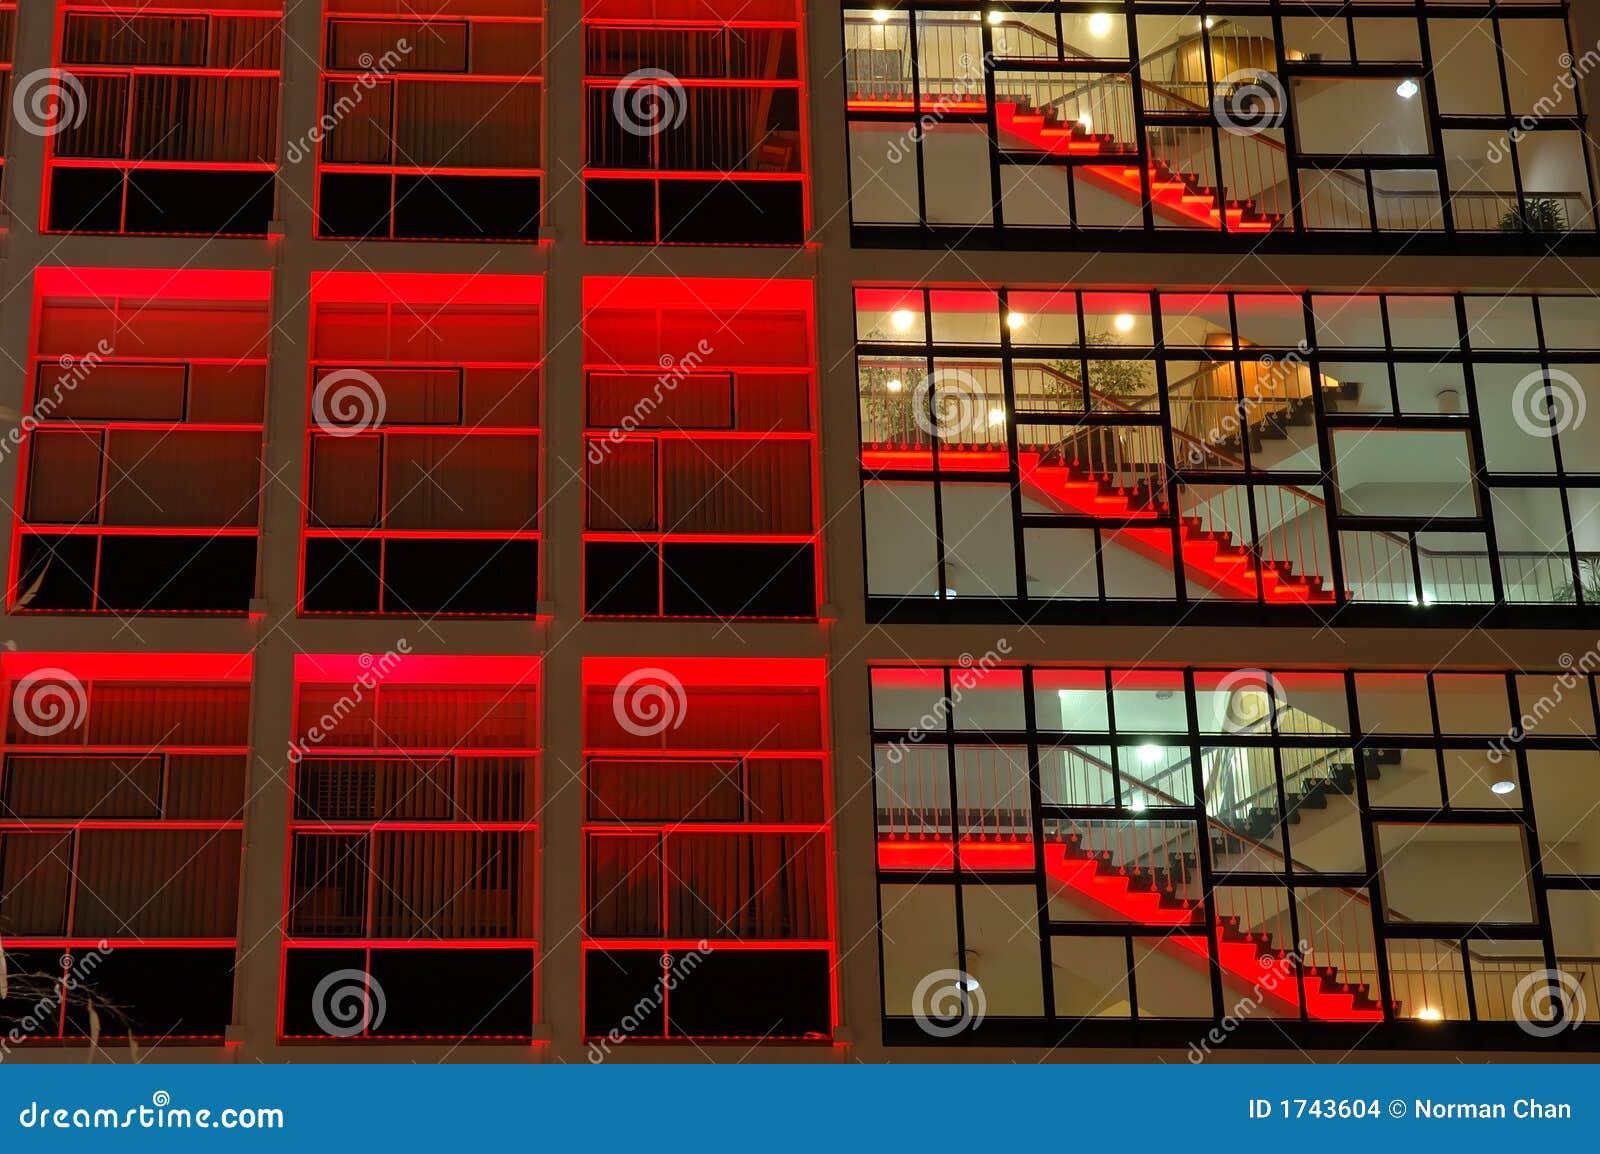 大厦照明设备办公室红色